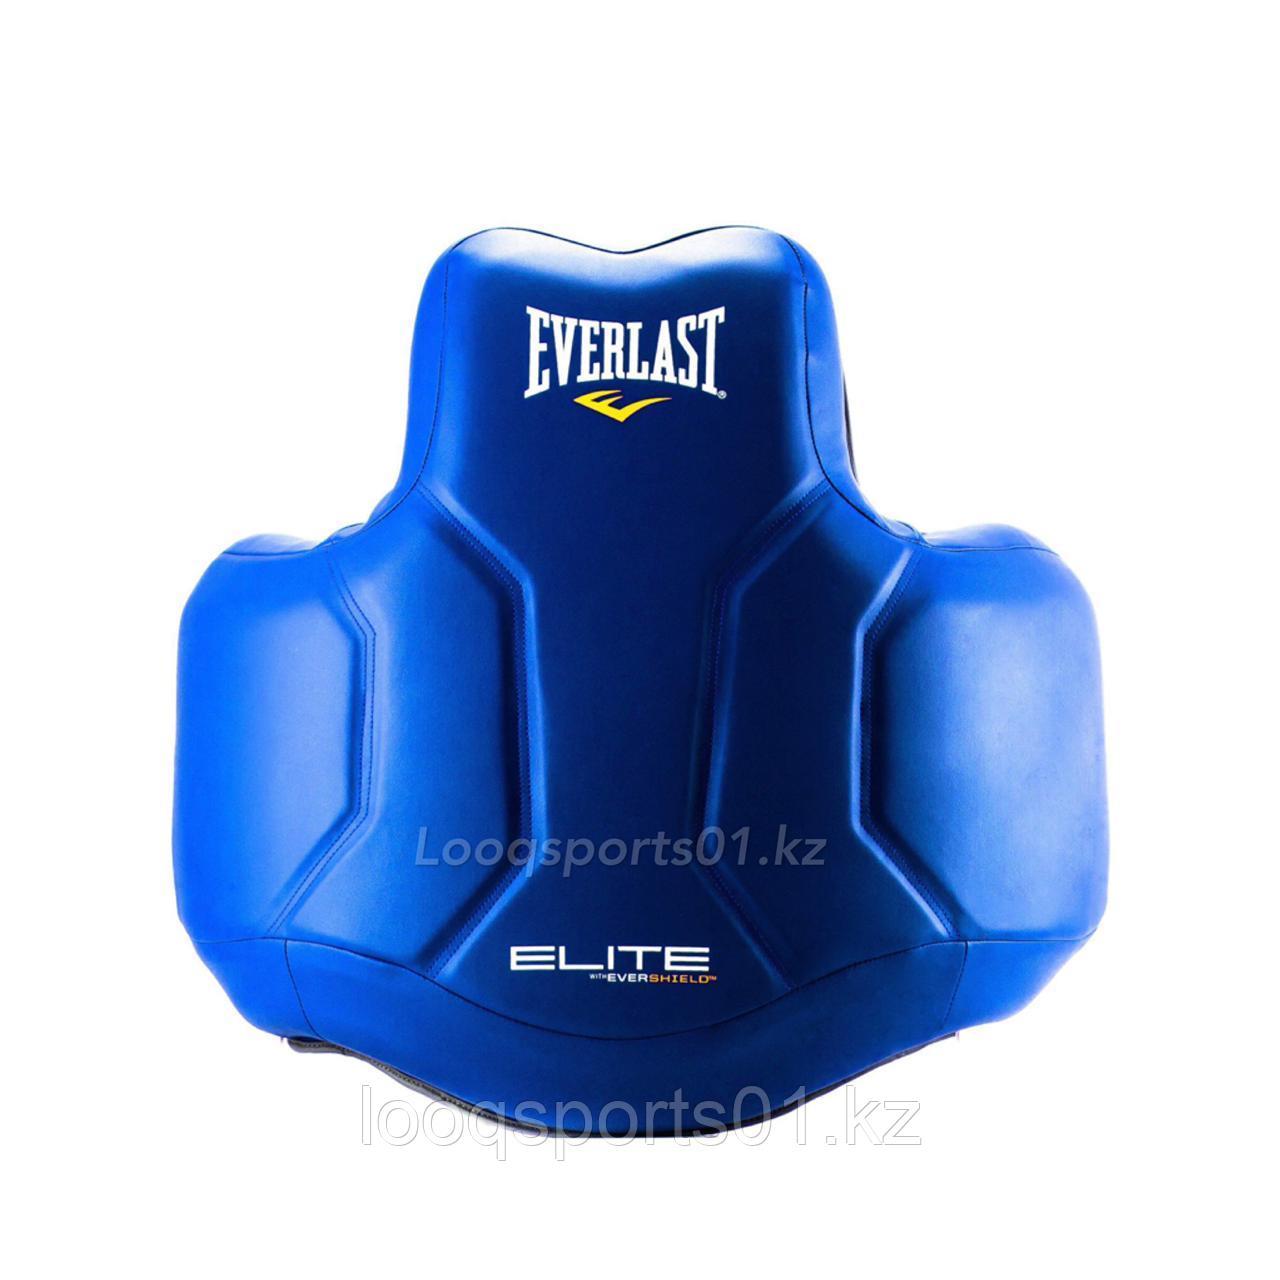 Защита корпуса пояс тренера для бокса (тренерский жилет) Everlast